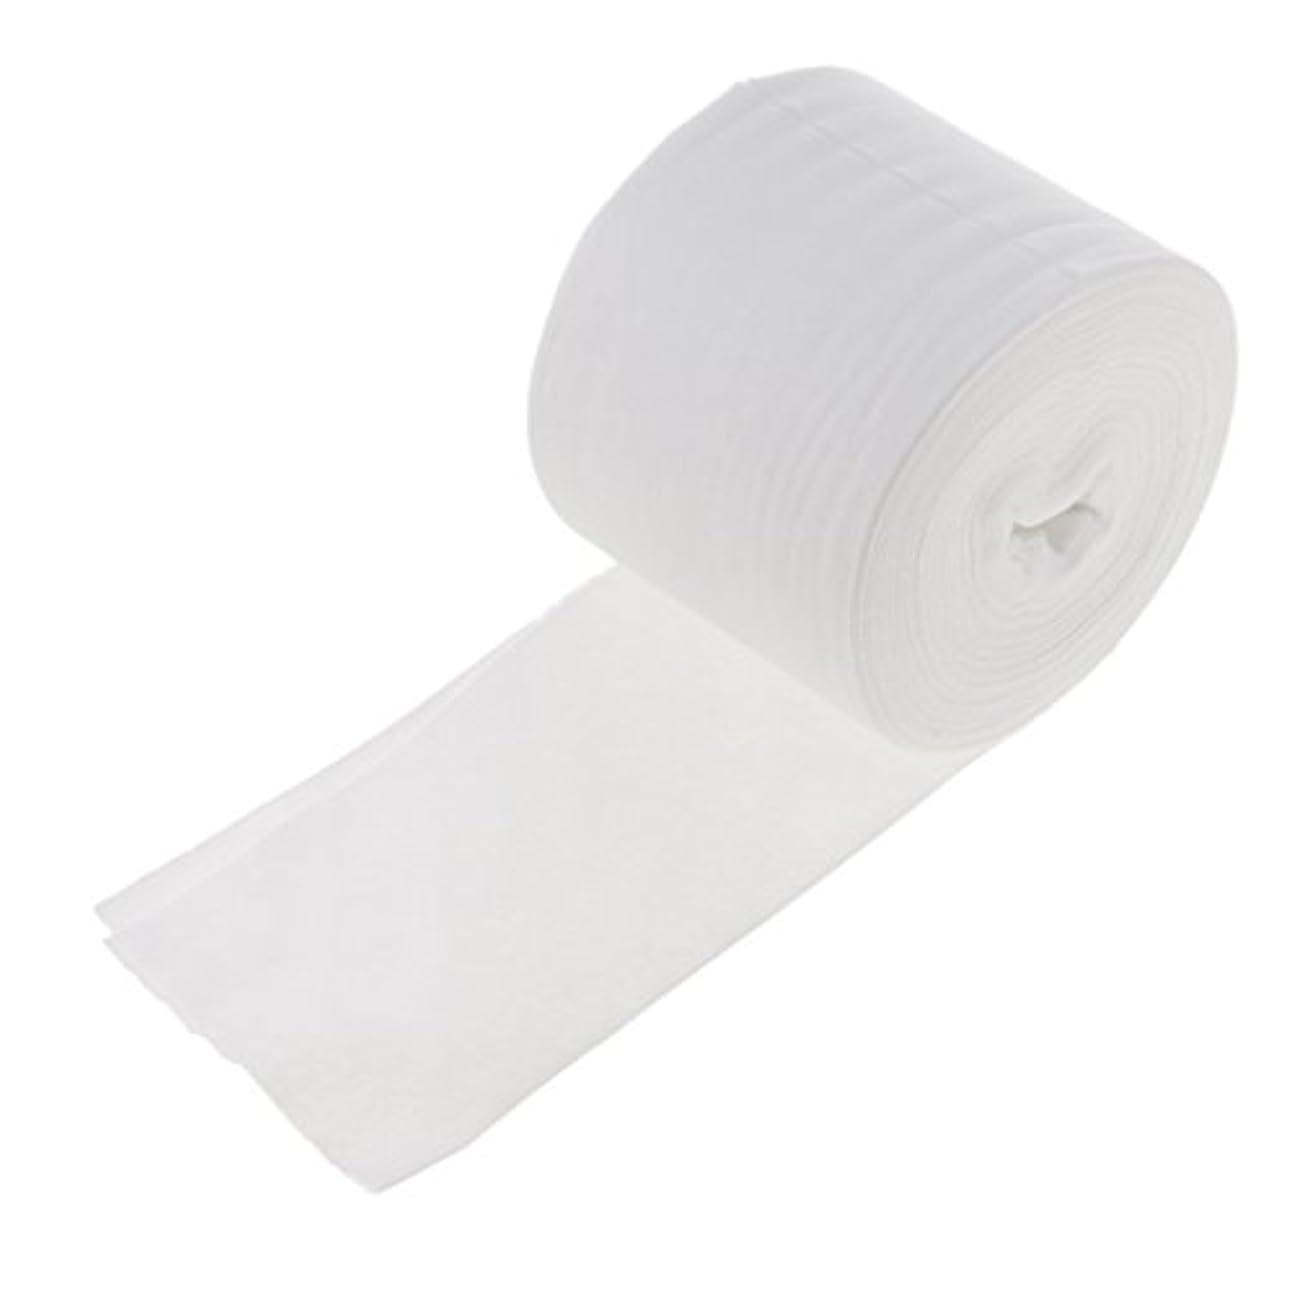 彫る応答柔らかさ洗顔 クリーニング タオル 使い捨て フェイシャルタオル 柔らかい 綿製